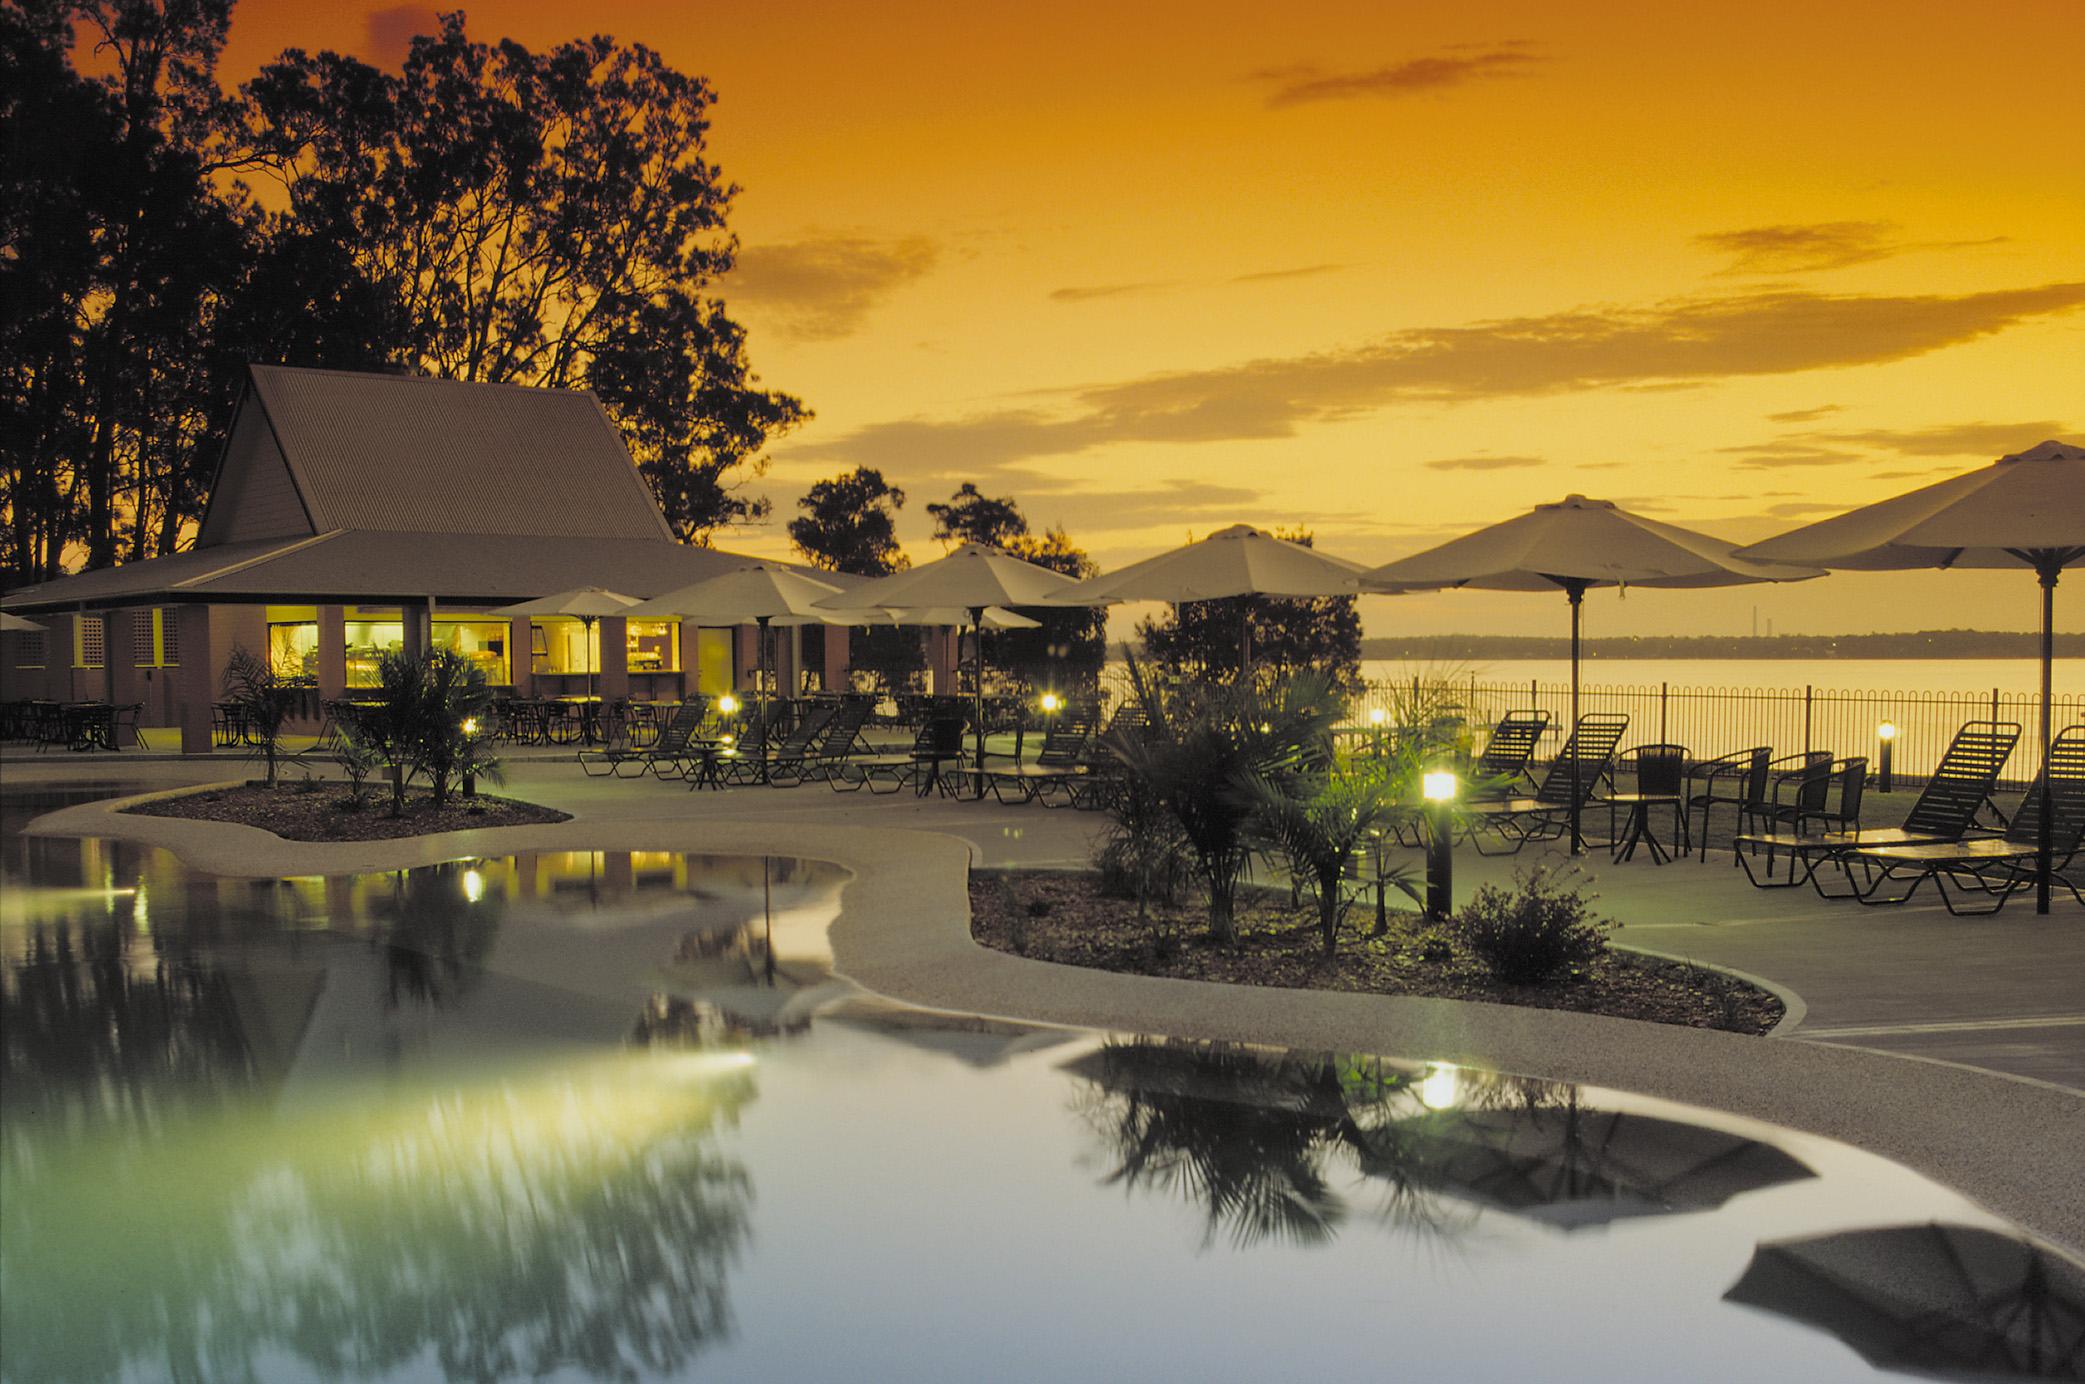 BG Sunset_Pool_Café.jpg